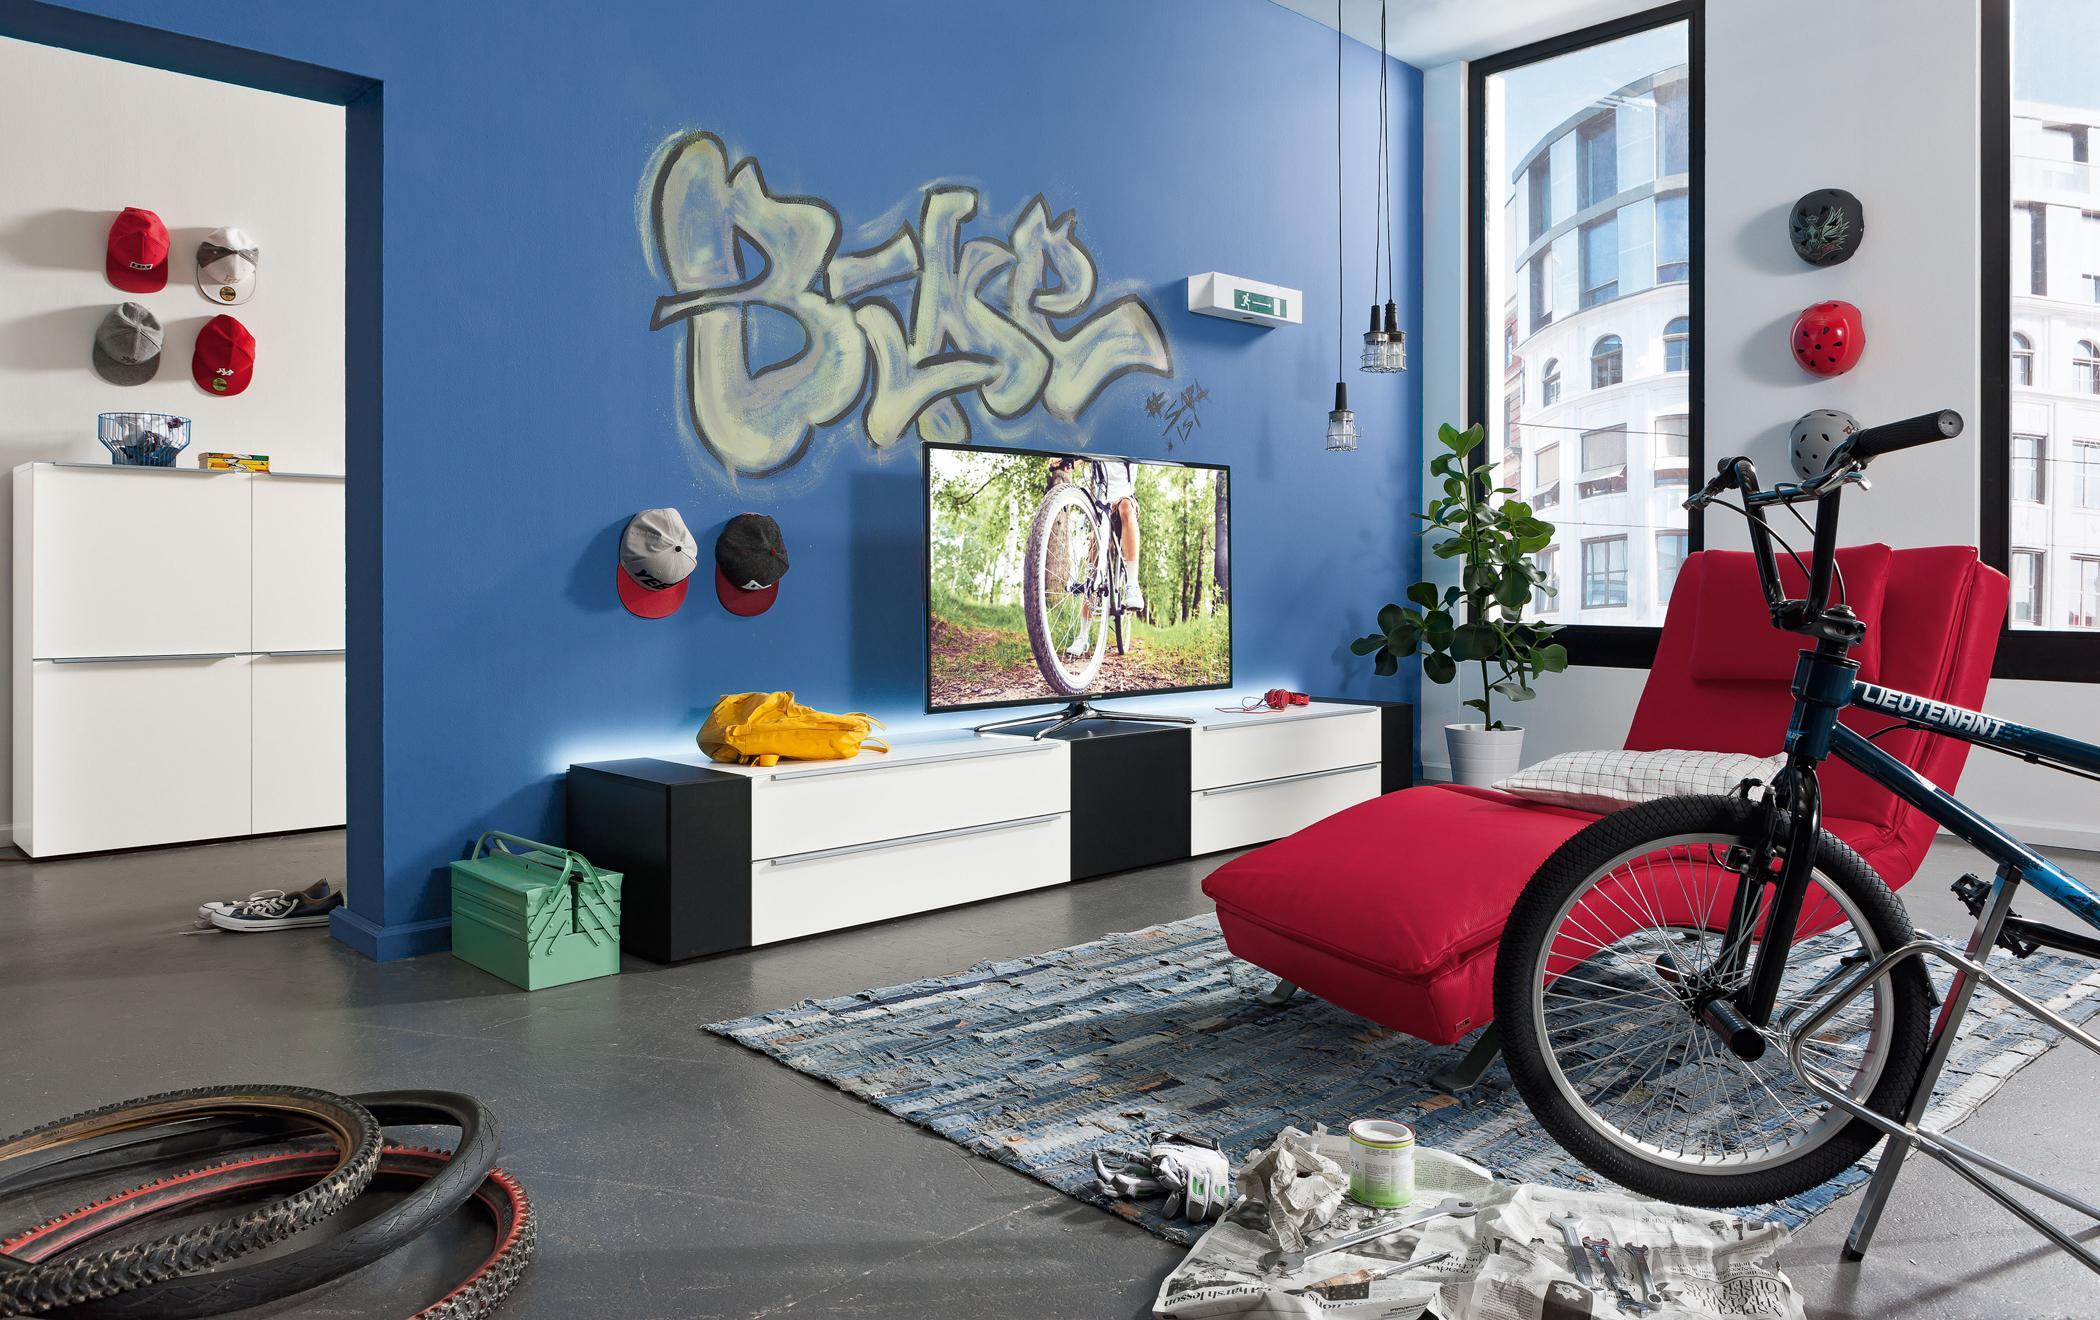 Graffiti Als Wanddeko Teppich Jugendzimmer Kommod